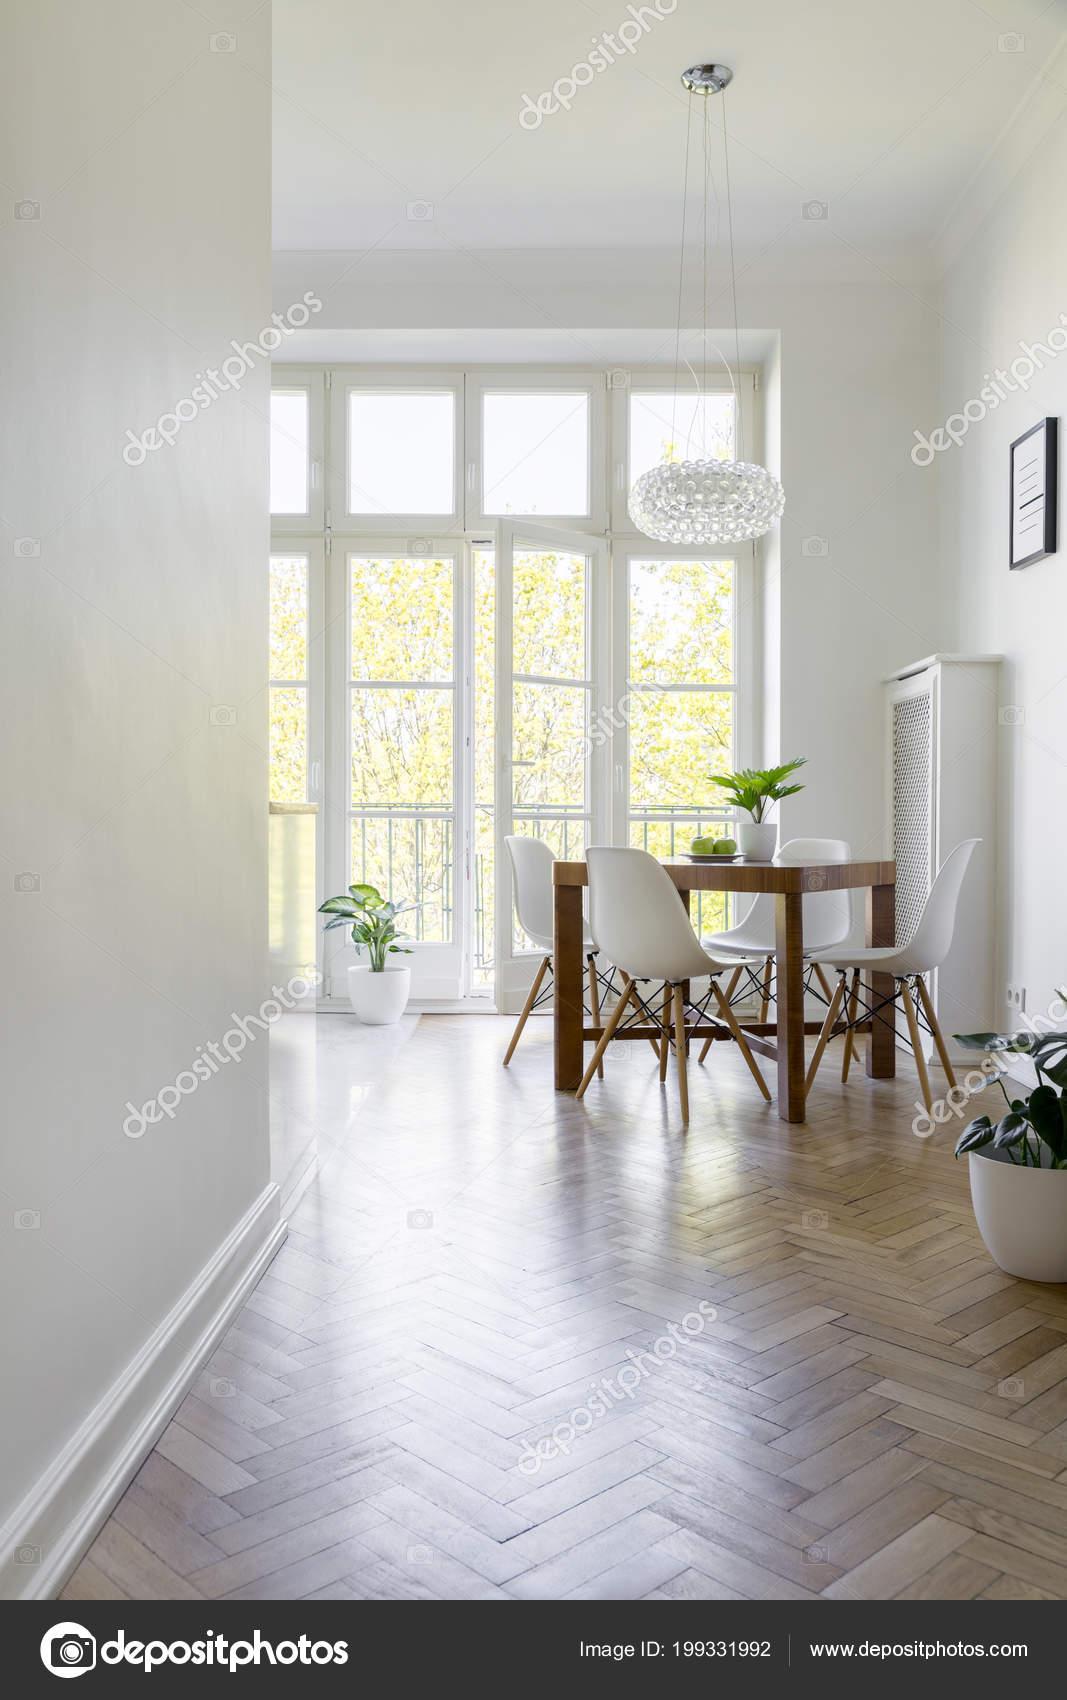 Houten Witte Eetkamerstoelen.Witte Stoelen Aan Houten Tafel Ruime Eetkamer Interieur Met Venster